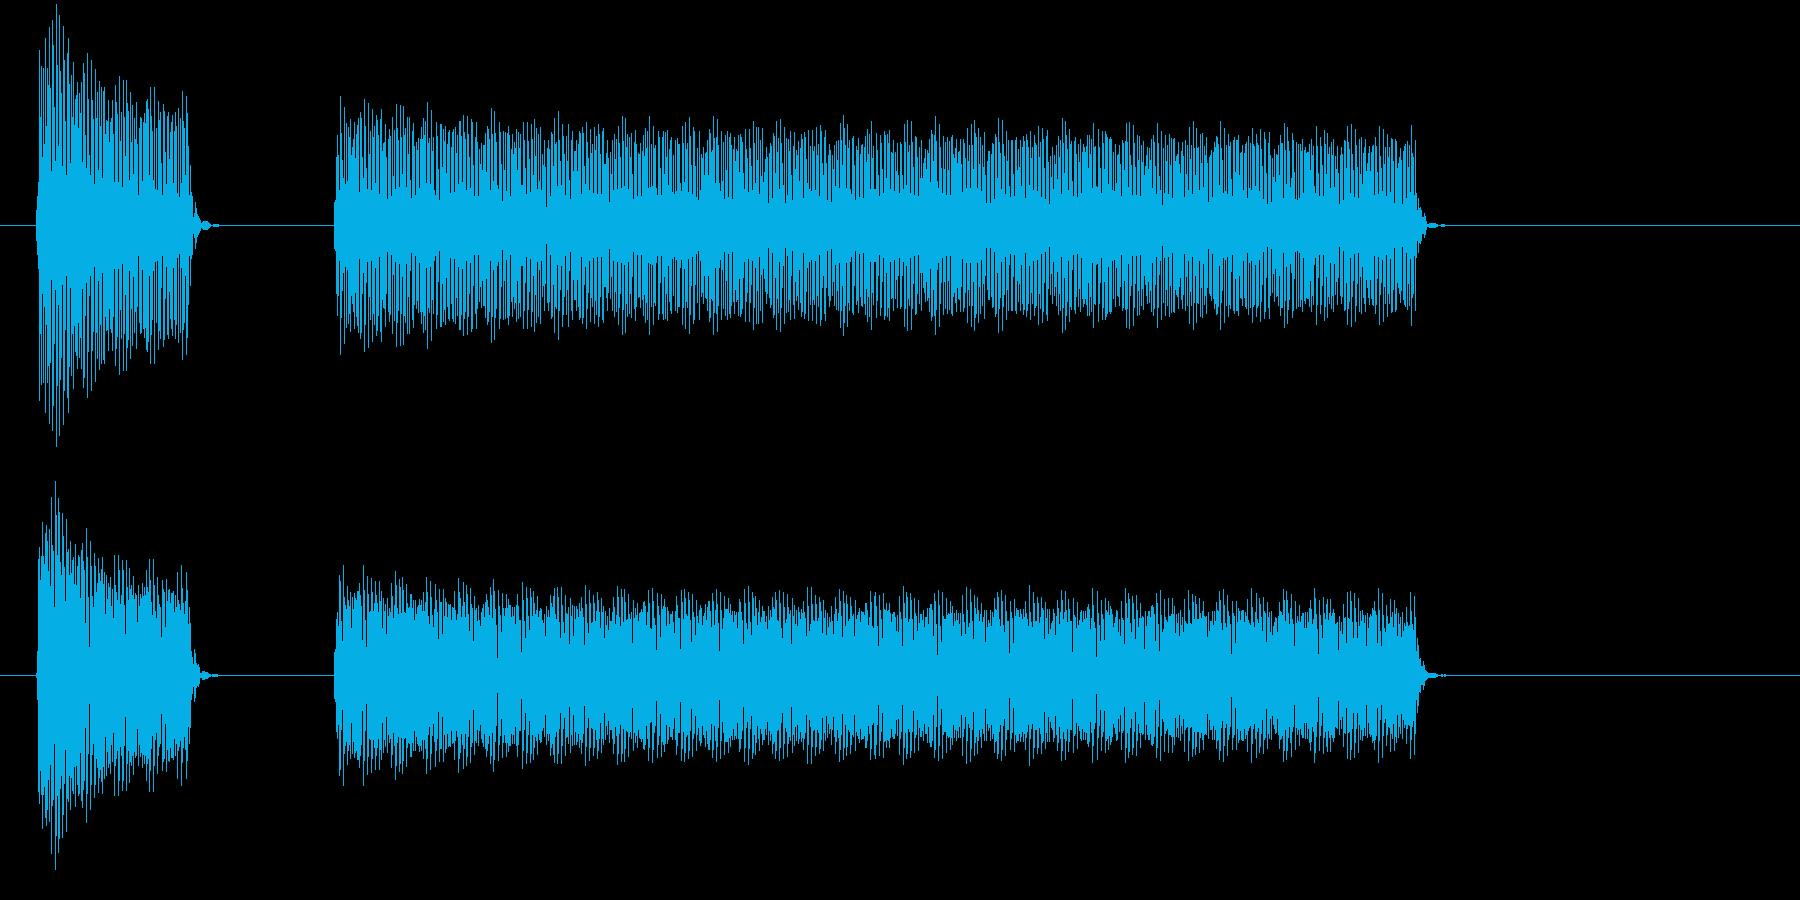 ブブー①(クイズ・不正解・ブザー音)の再生済みの波形